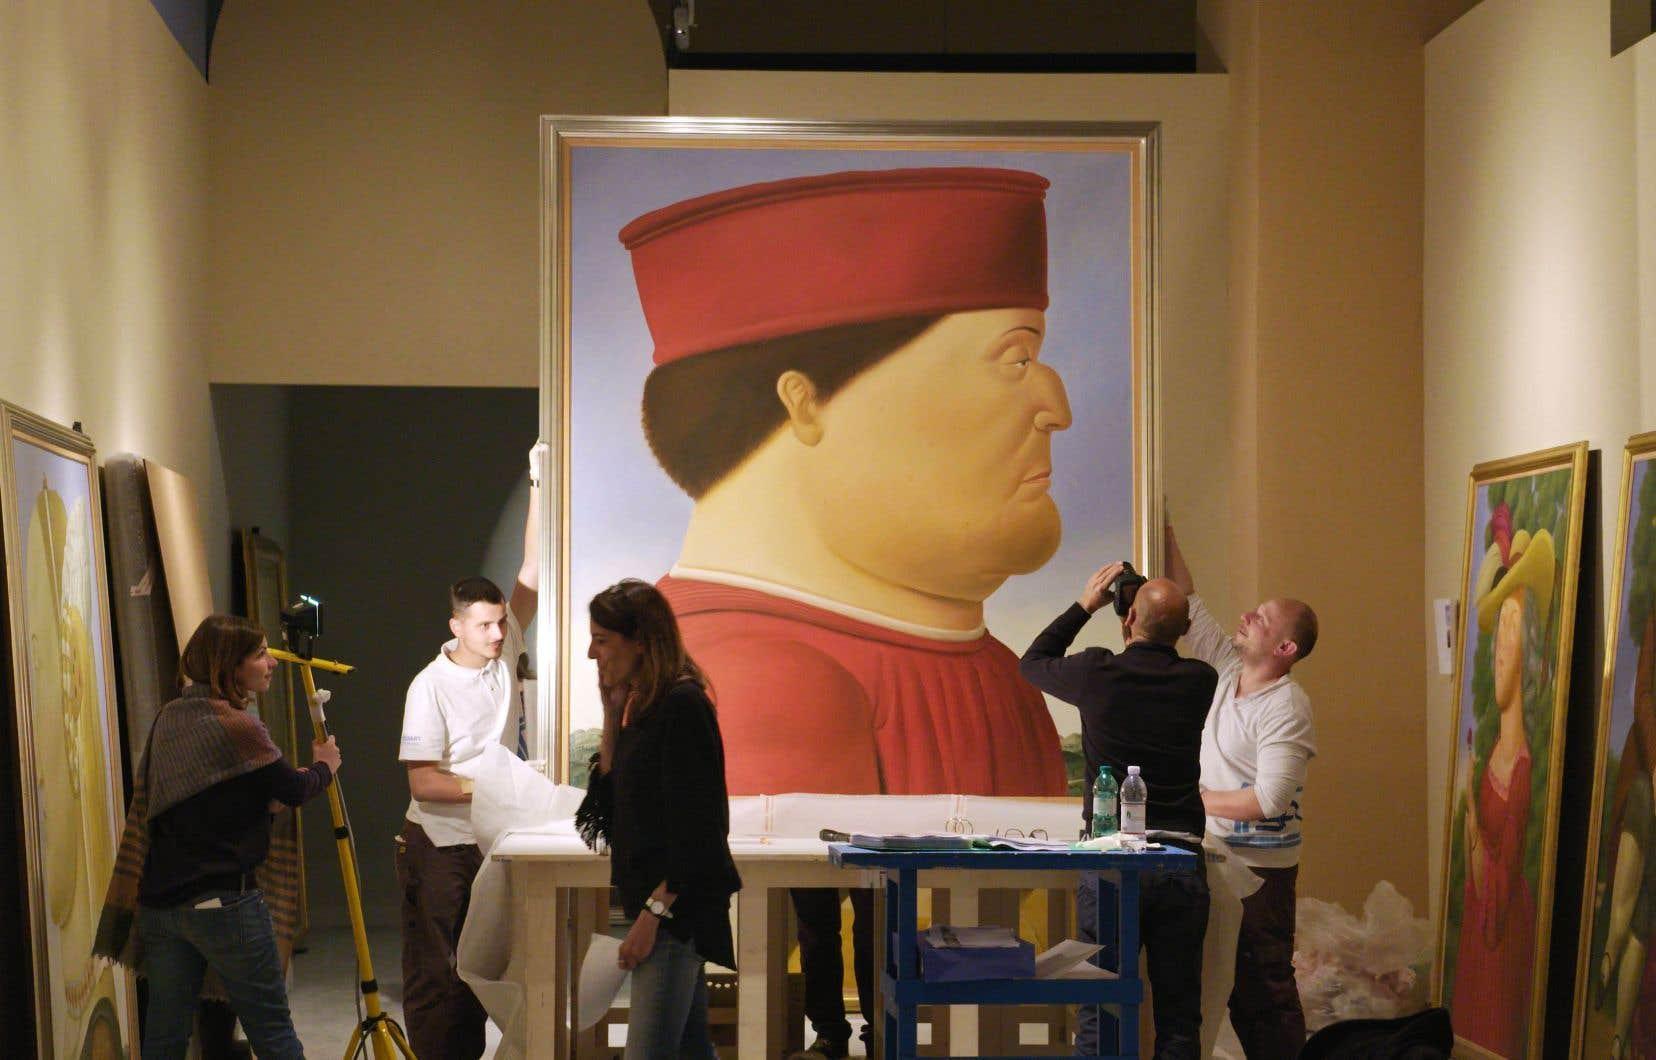 Si la signature de Fernando Botero est reconnaissable entre toutes (variété des techniques, explosion de couleurs ou minimalisme chromatique, parfum de sensualité, dialogue constant avec l'histoire de l'art ou l'actualité brûlante) tout revient toujours à la grosseur de ses personnages.